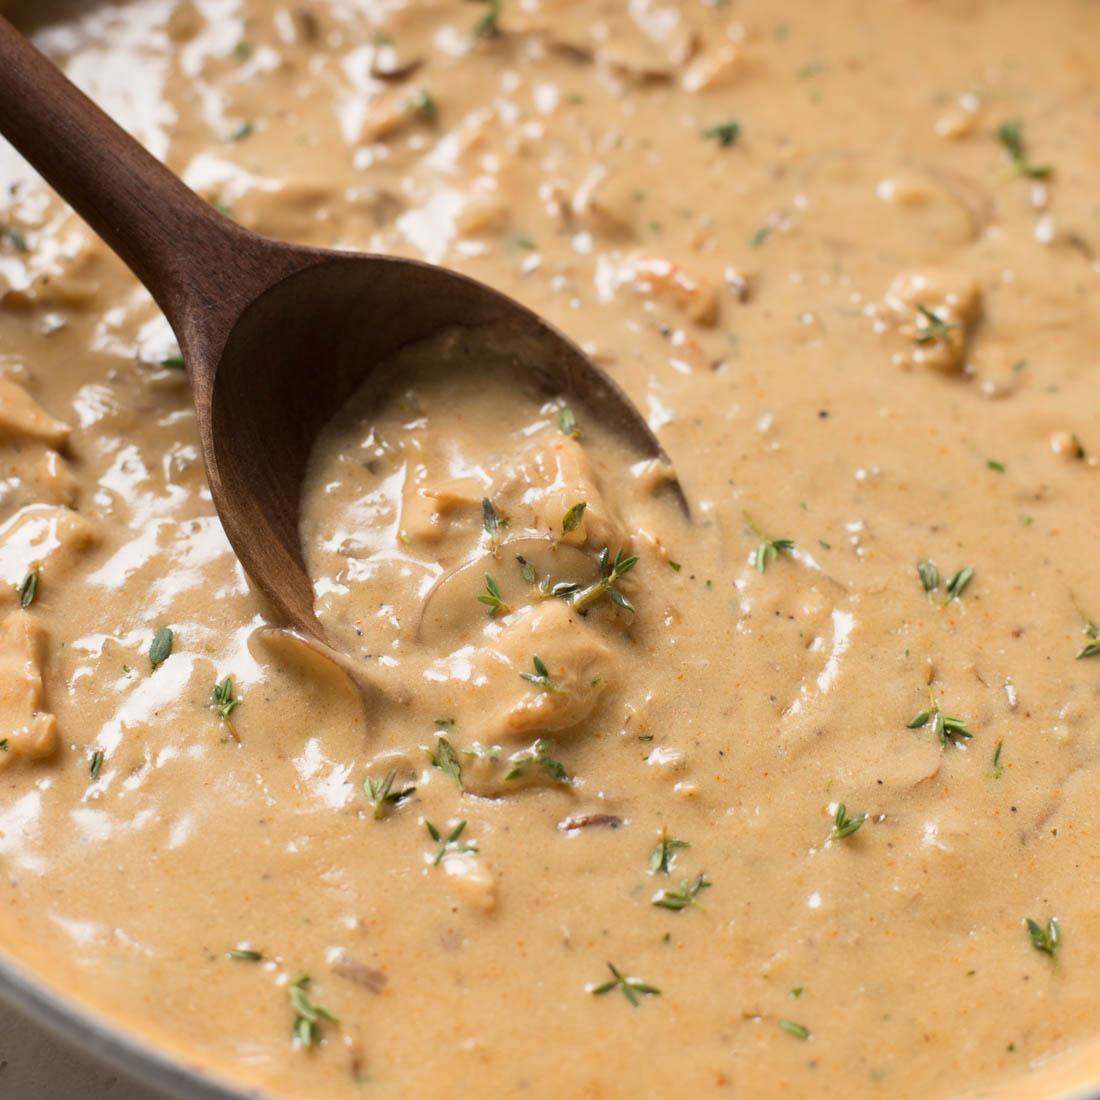 Chicken stroganoff sauce in pan